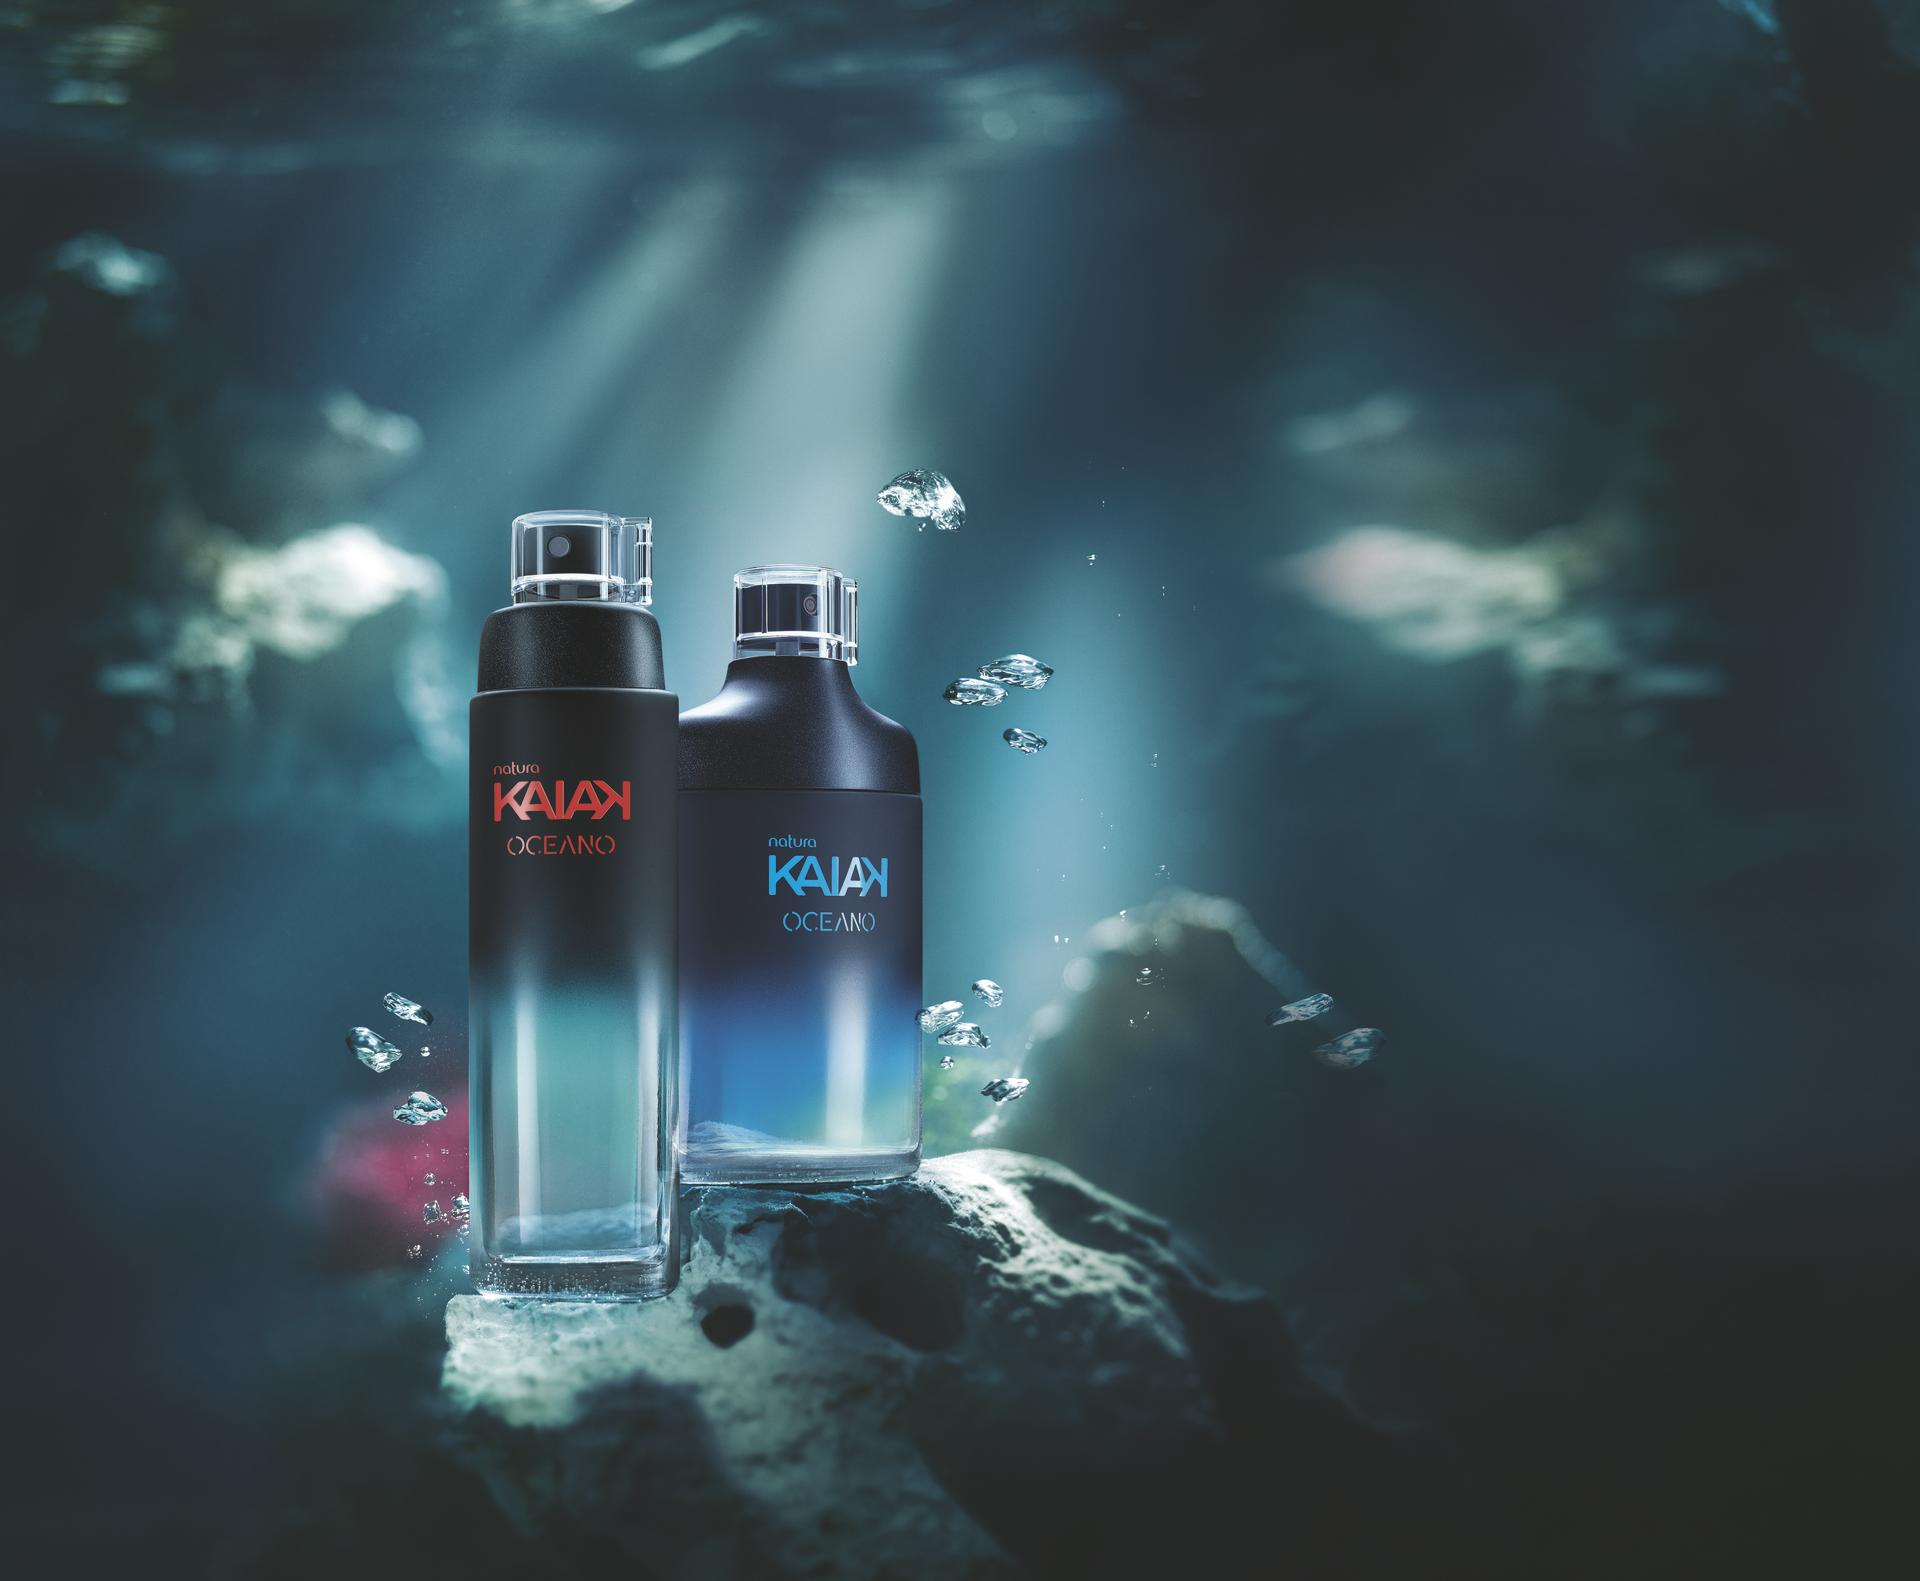 Conoce los nuevos perfumes de Natura inspirados en los océanos